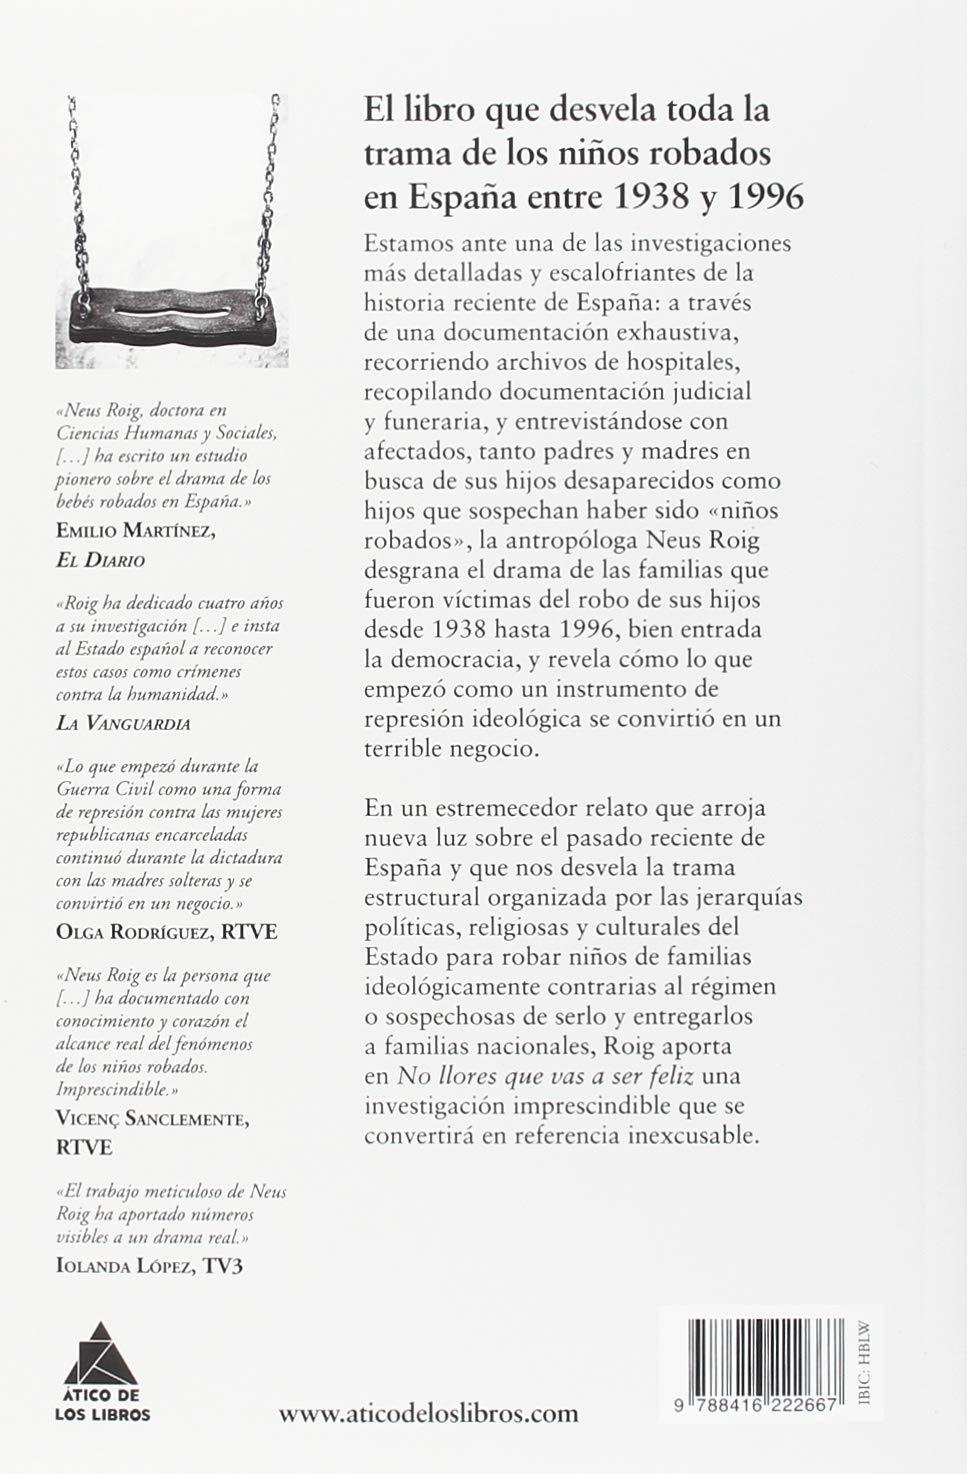 No llores que vas a ser feliz: El tráfico de bebés en España: de la represión al negocio 1936-1996 : 51 Ático de los Libros: Amazon.es: Roig, Neus: Libros